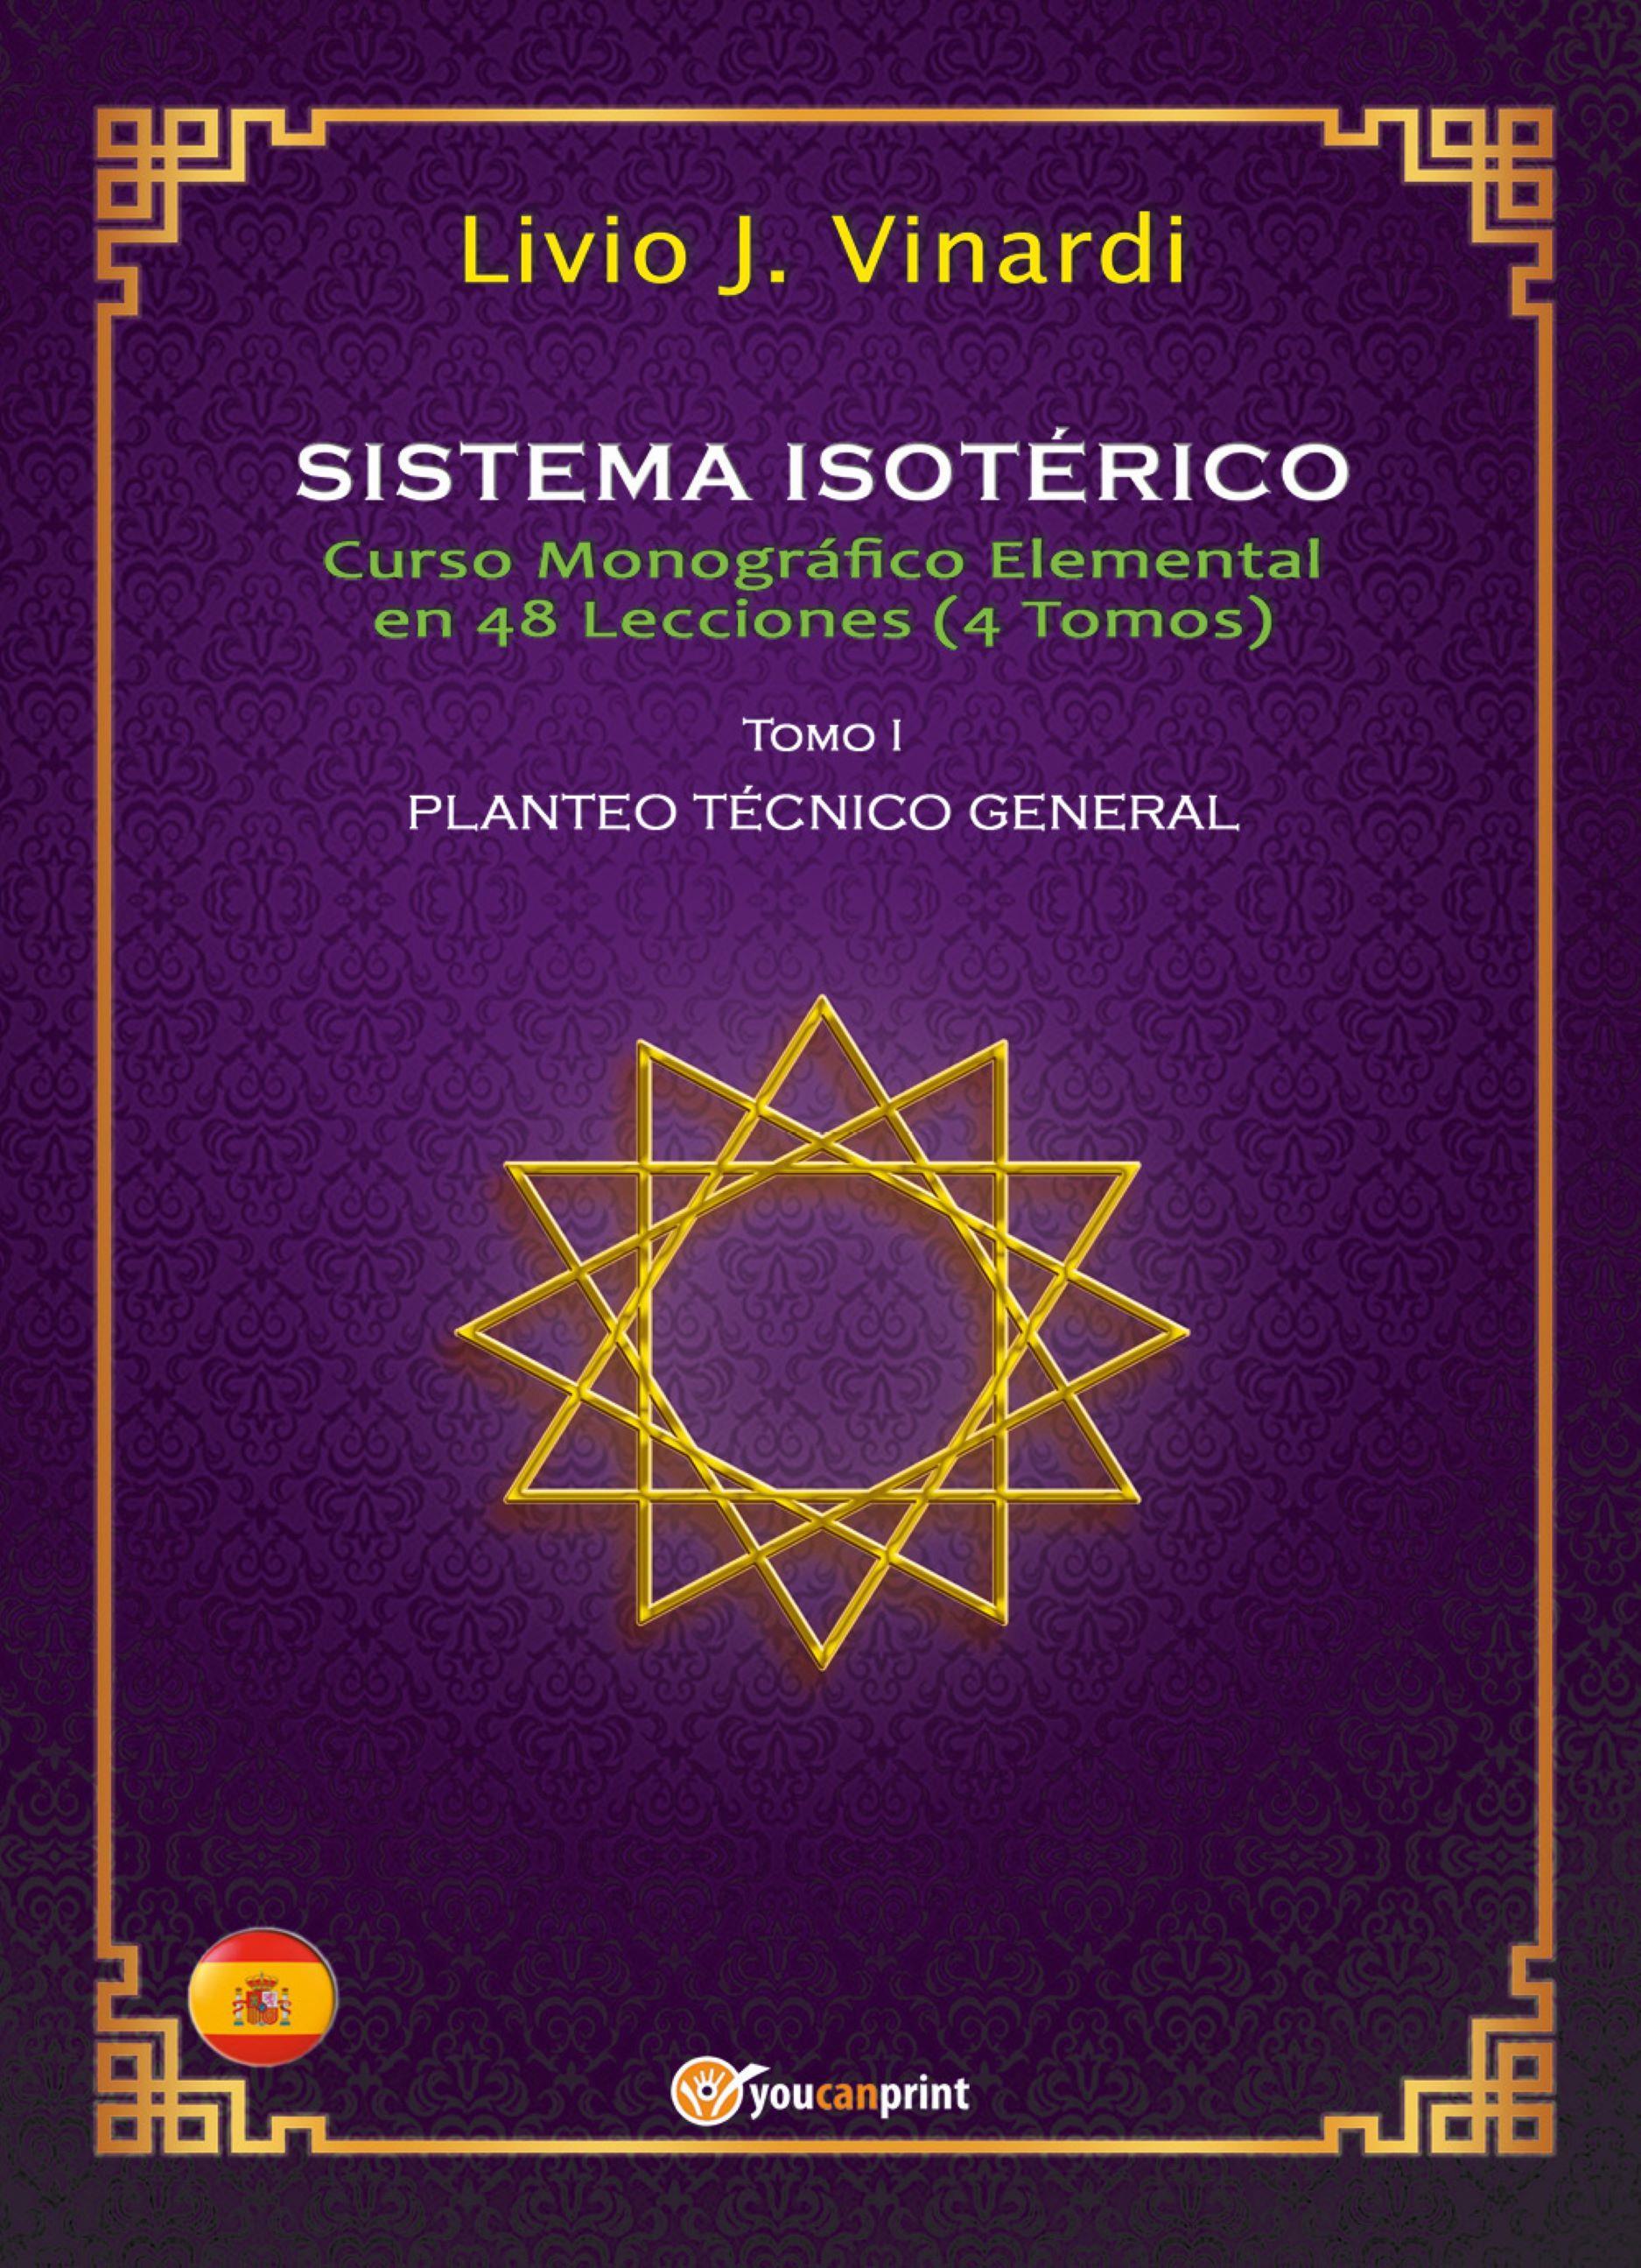 SISTEMA ISOTÉRICO – Curso Monográfico Elemental en 48 Lecciones – Tomo I (EN ESPAÑOL)